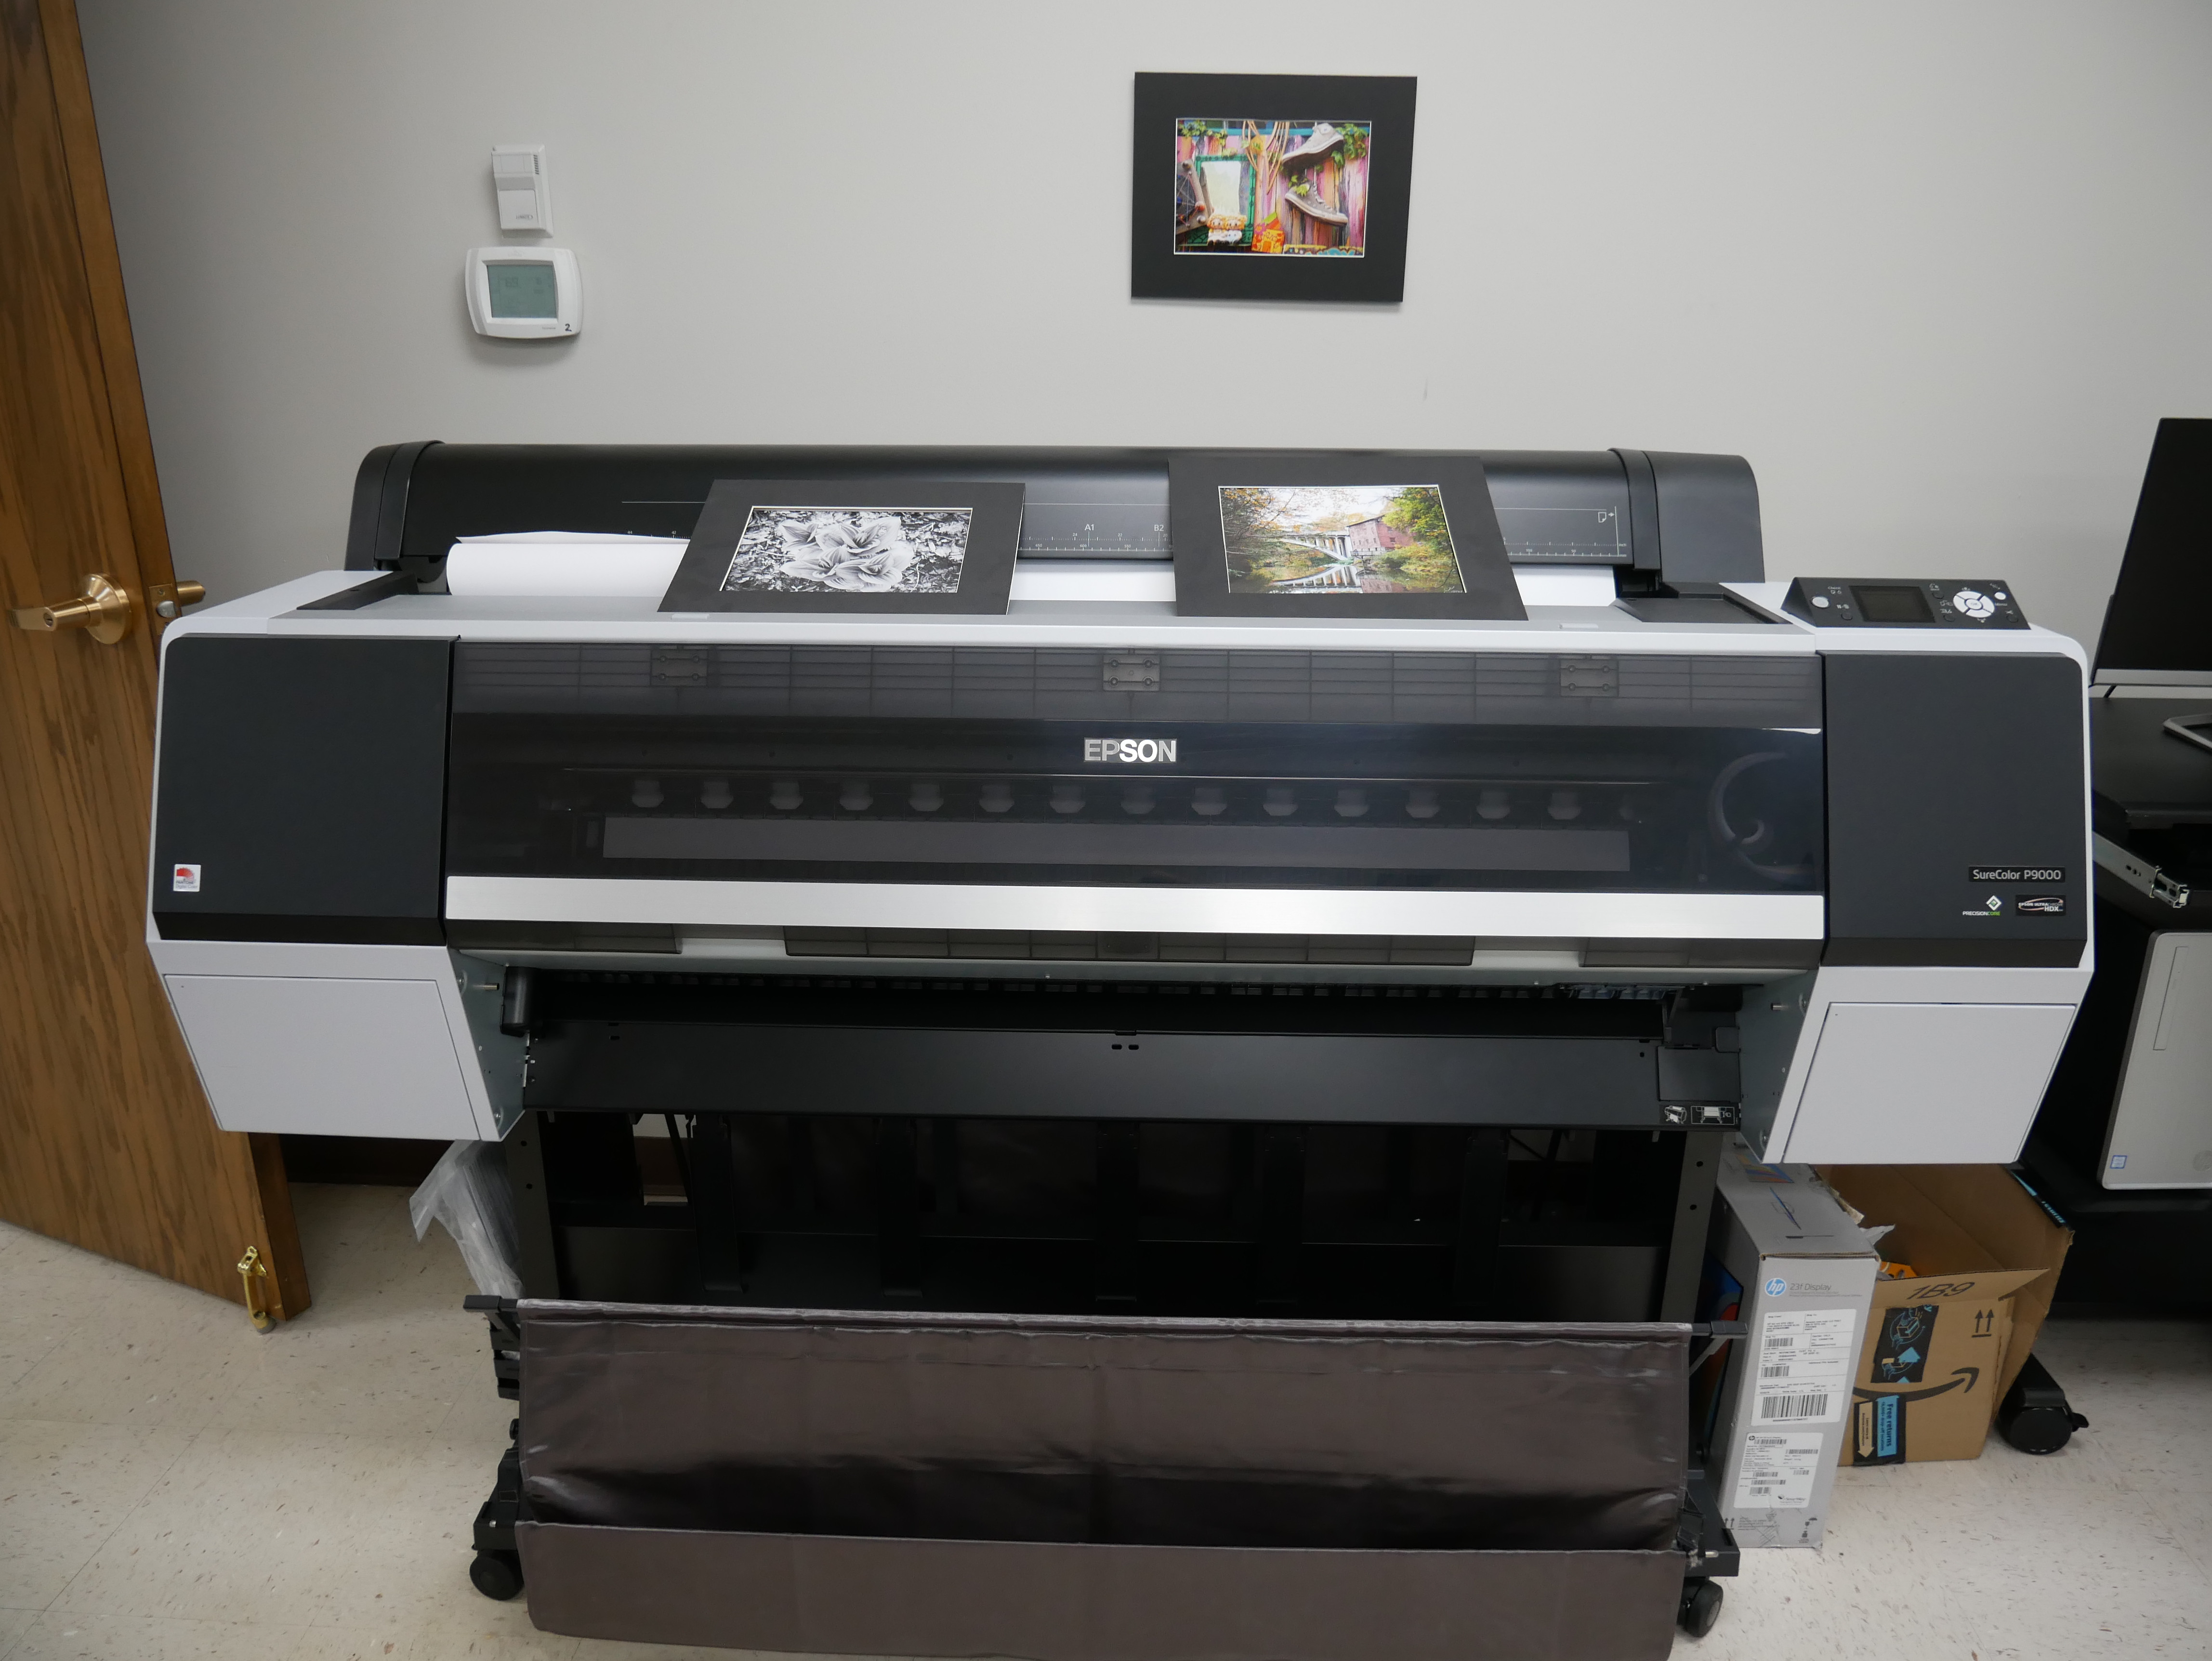 P9000 Epson Printer